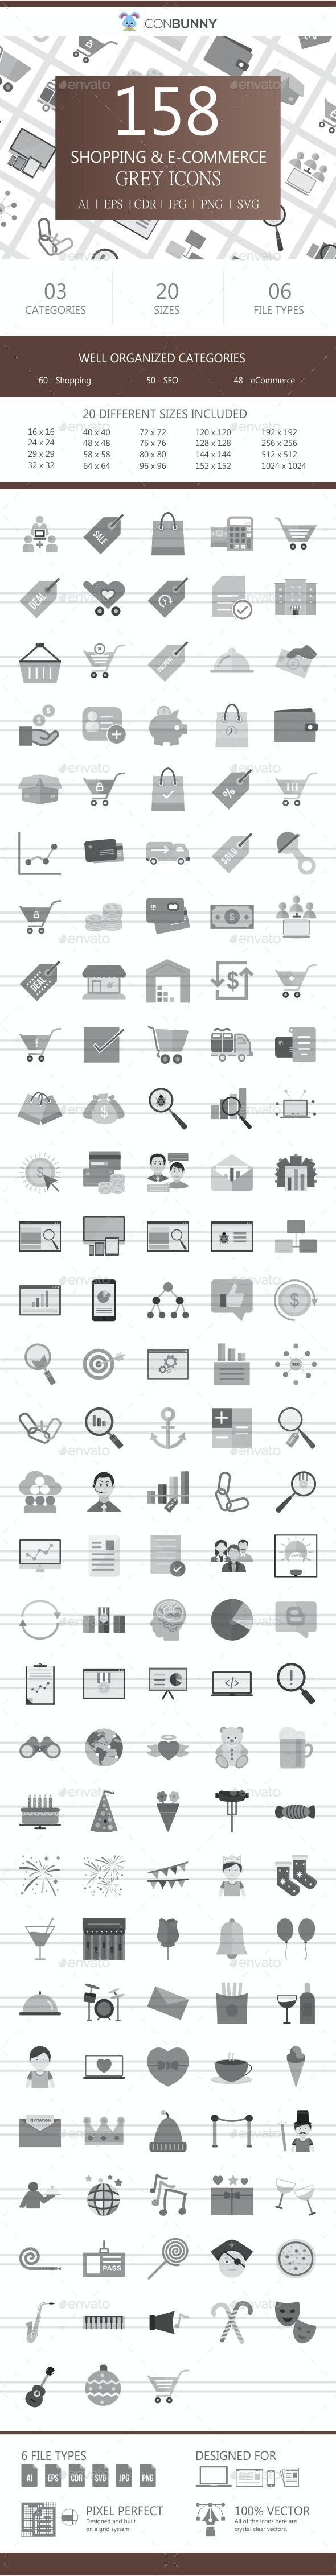 159 Shopping & E-Commerce Flat Greyscale Icons - Icons